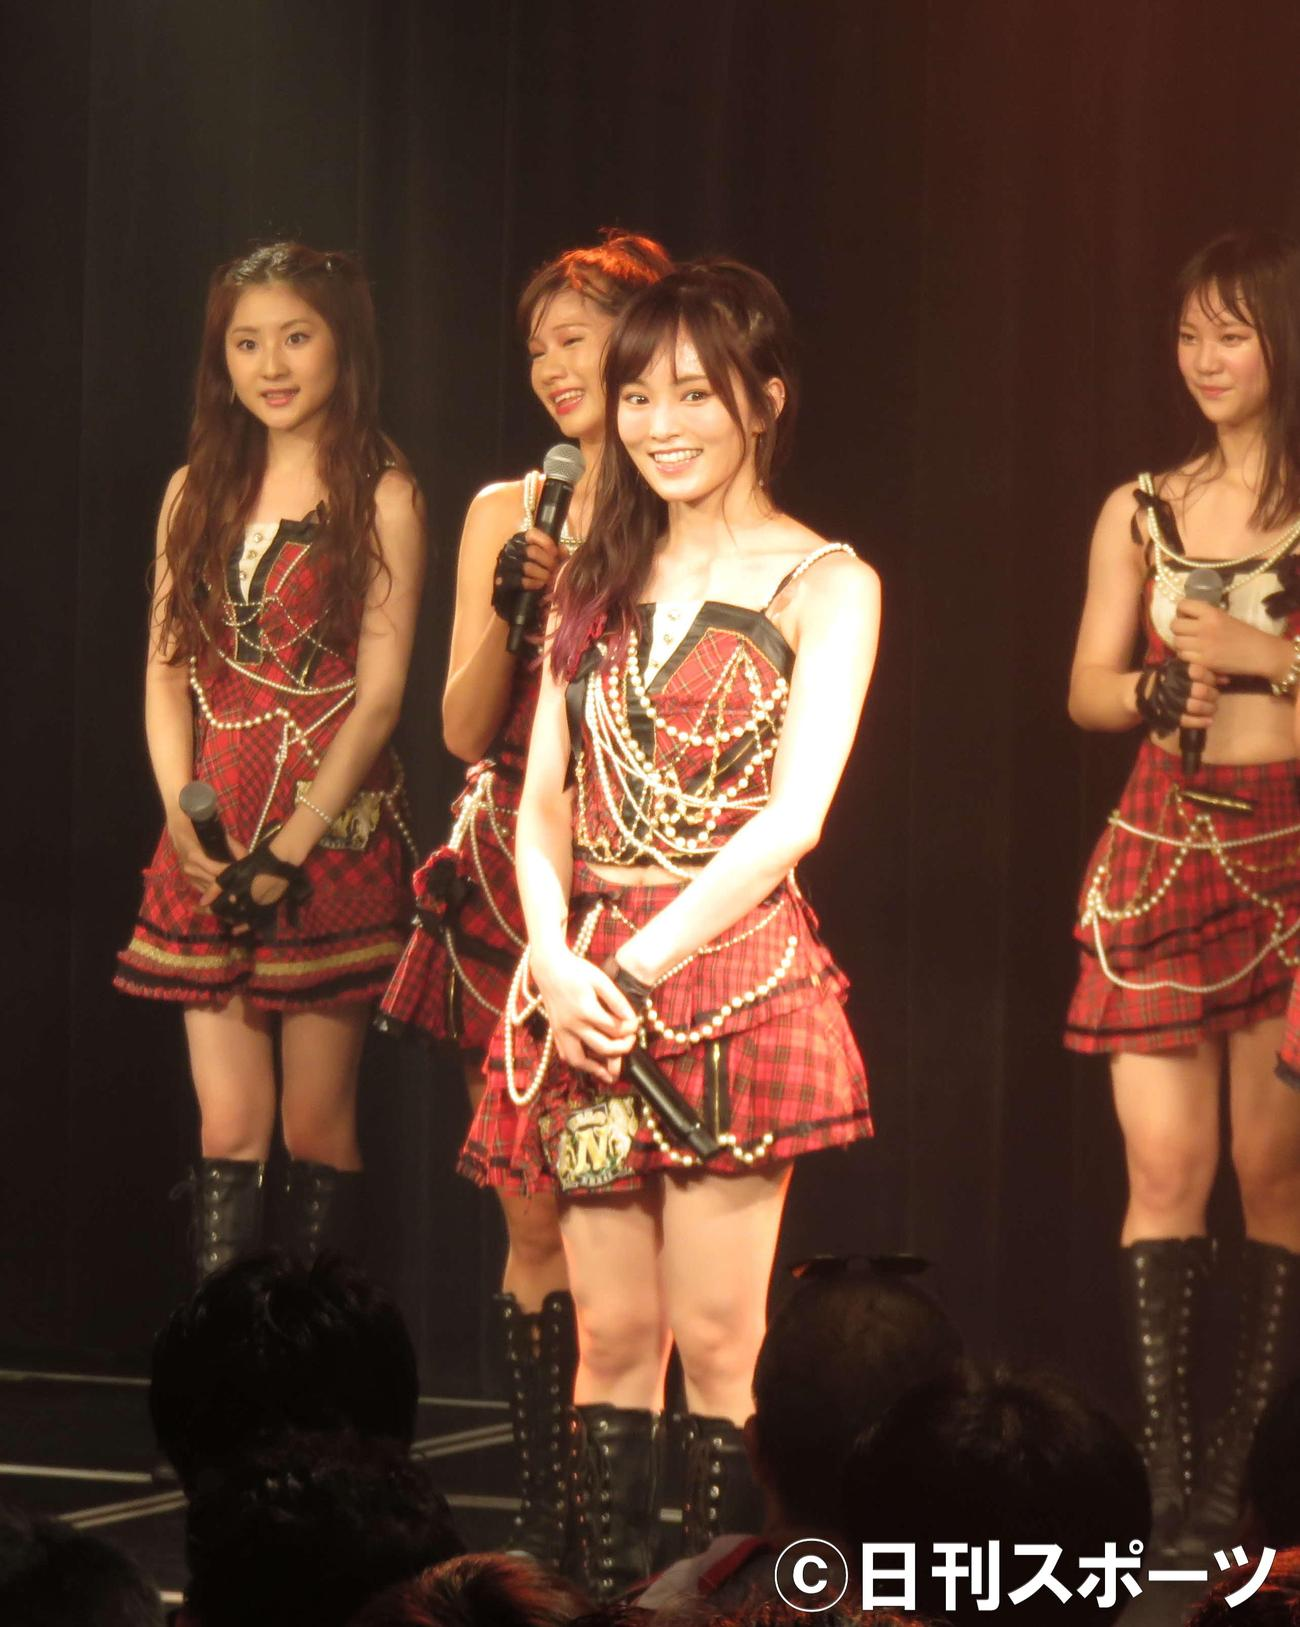 山本彩、生誕祭でファンに感謝「私は生涯現役」 - AKB48 : 日刊スポーツ